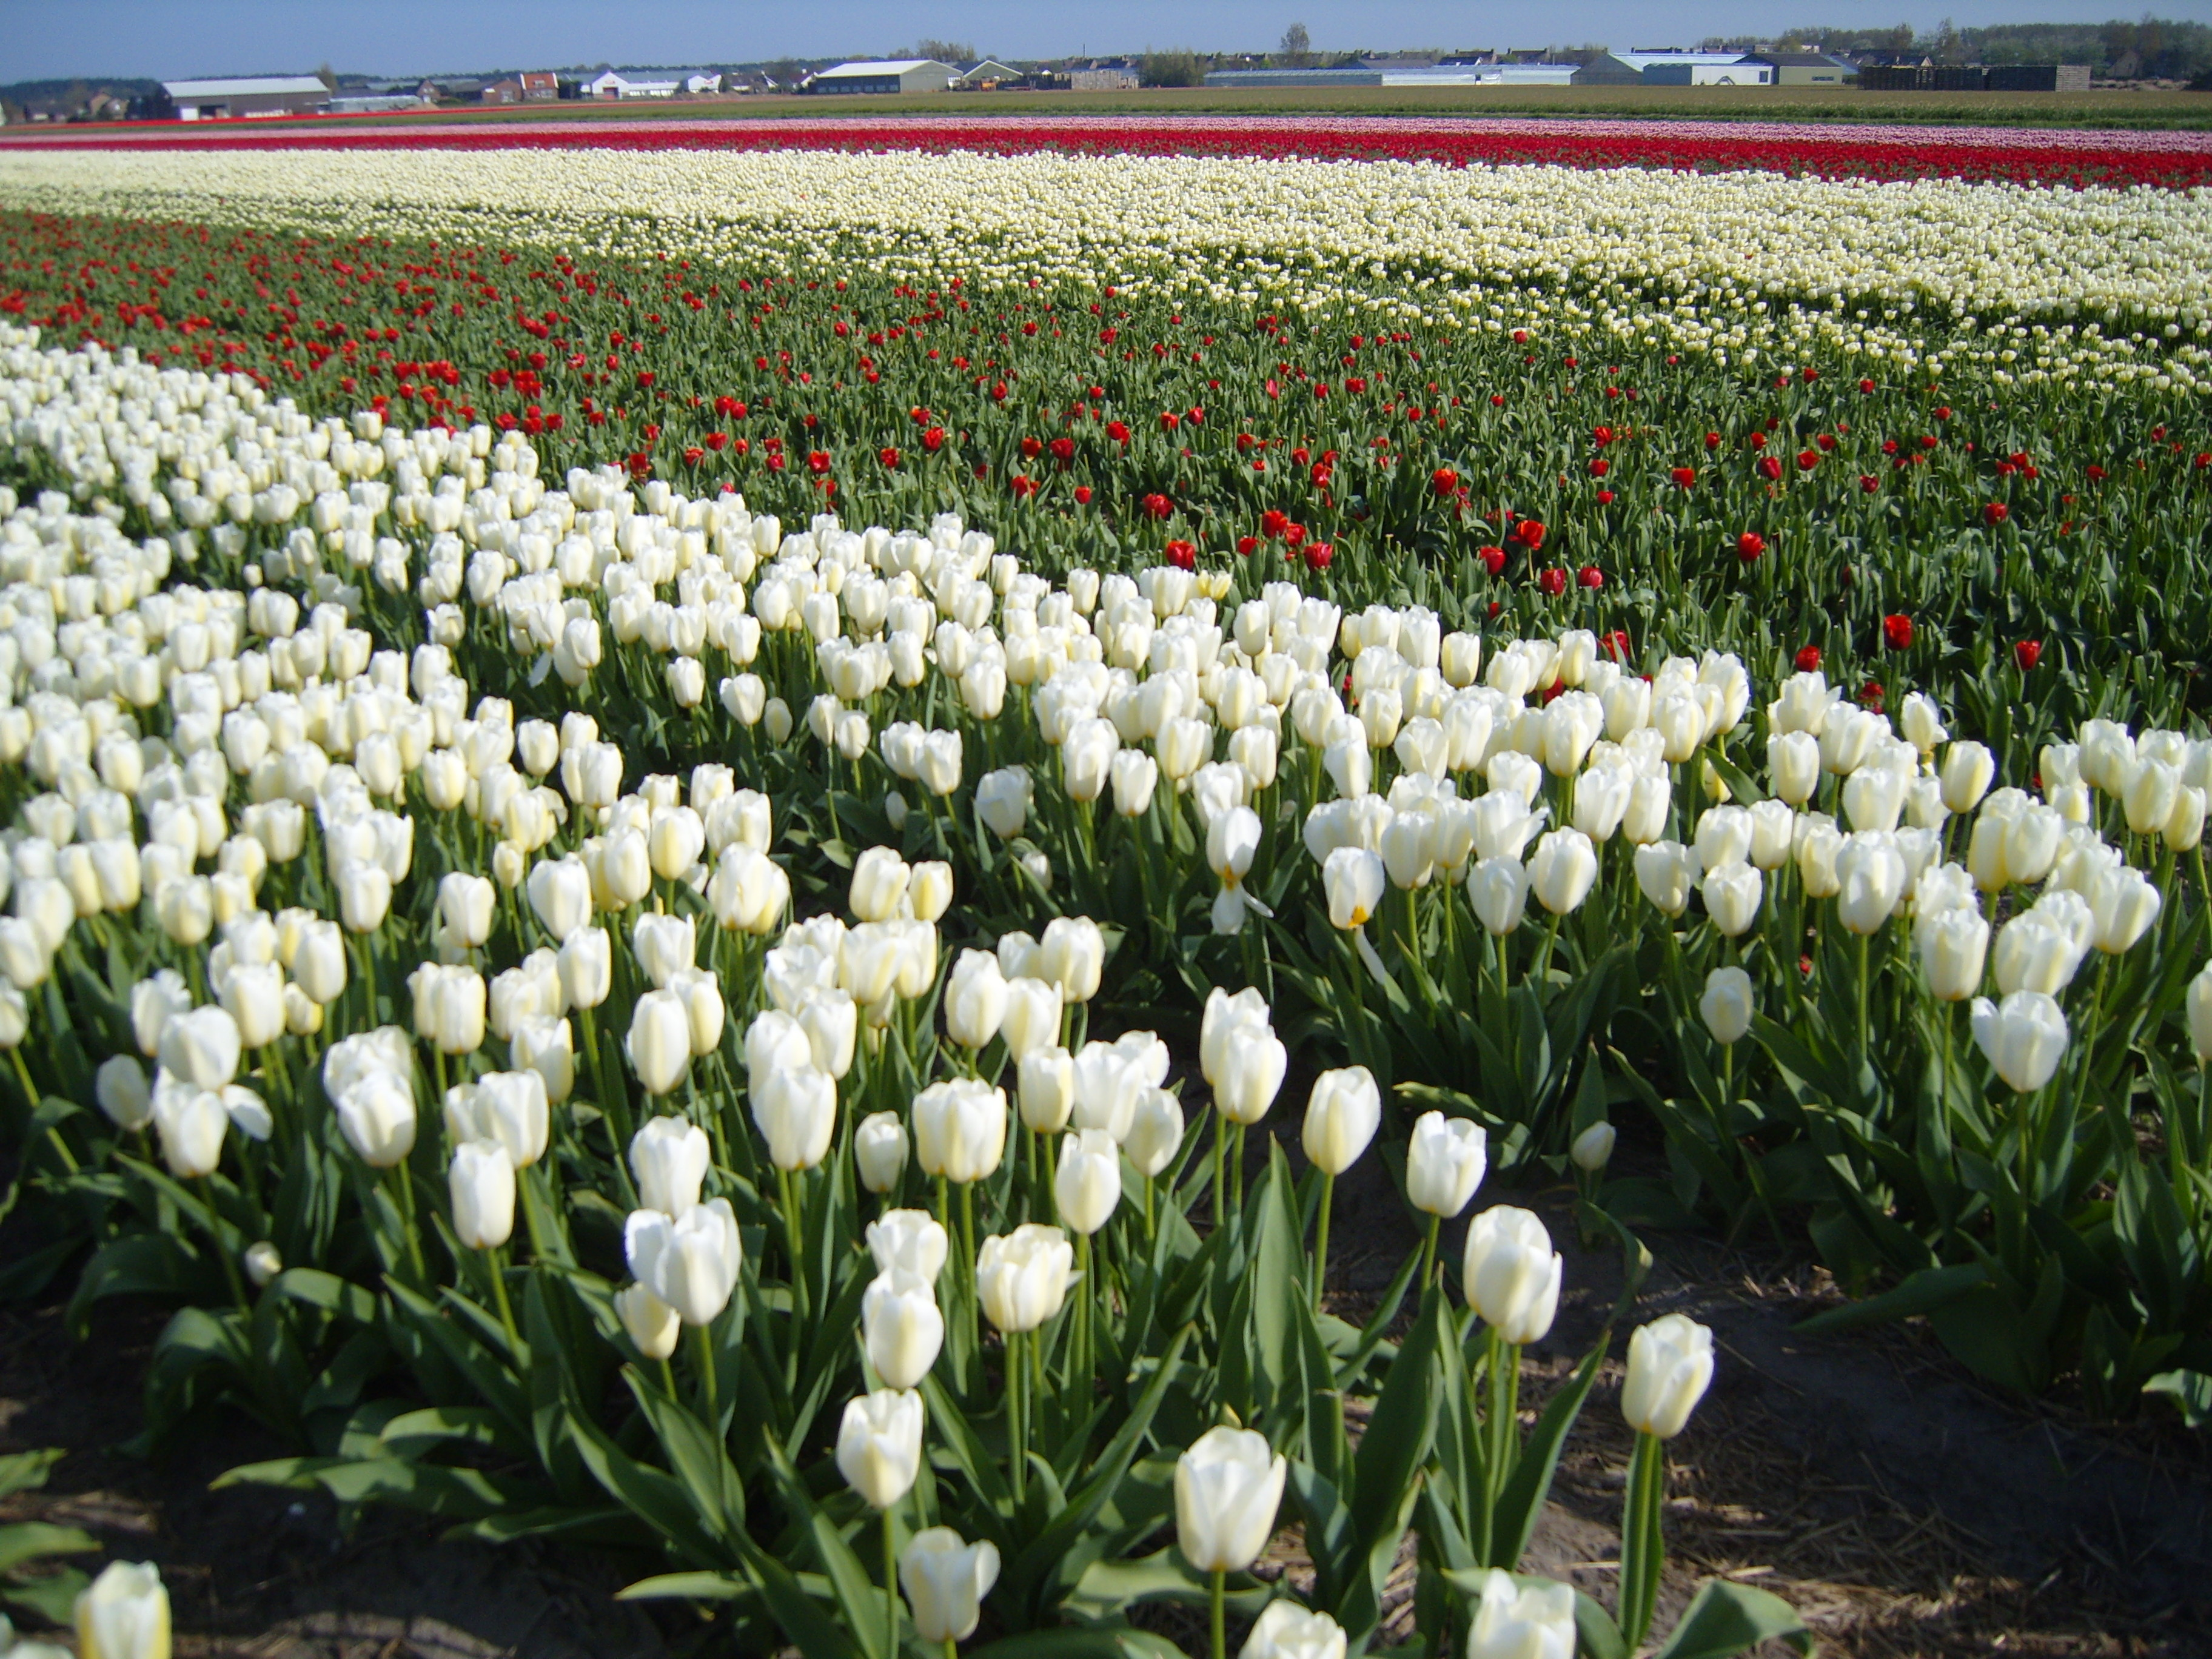 Champs de roses dans la région de Rijnsburg